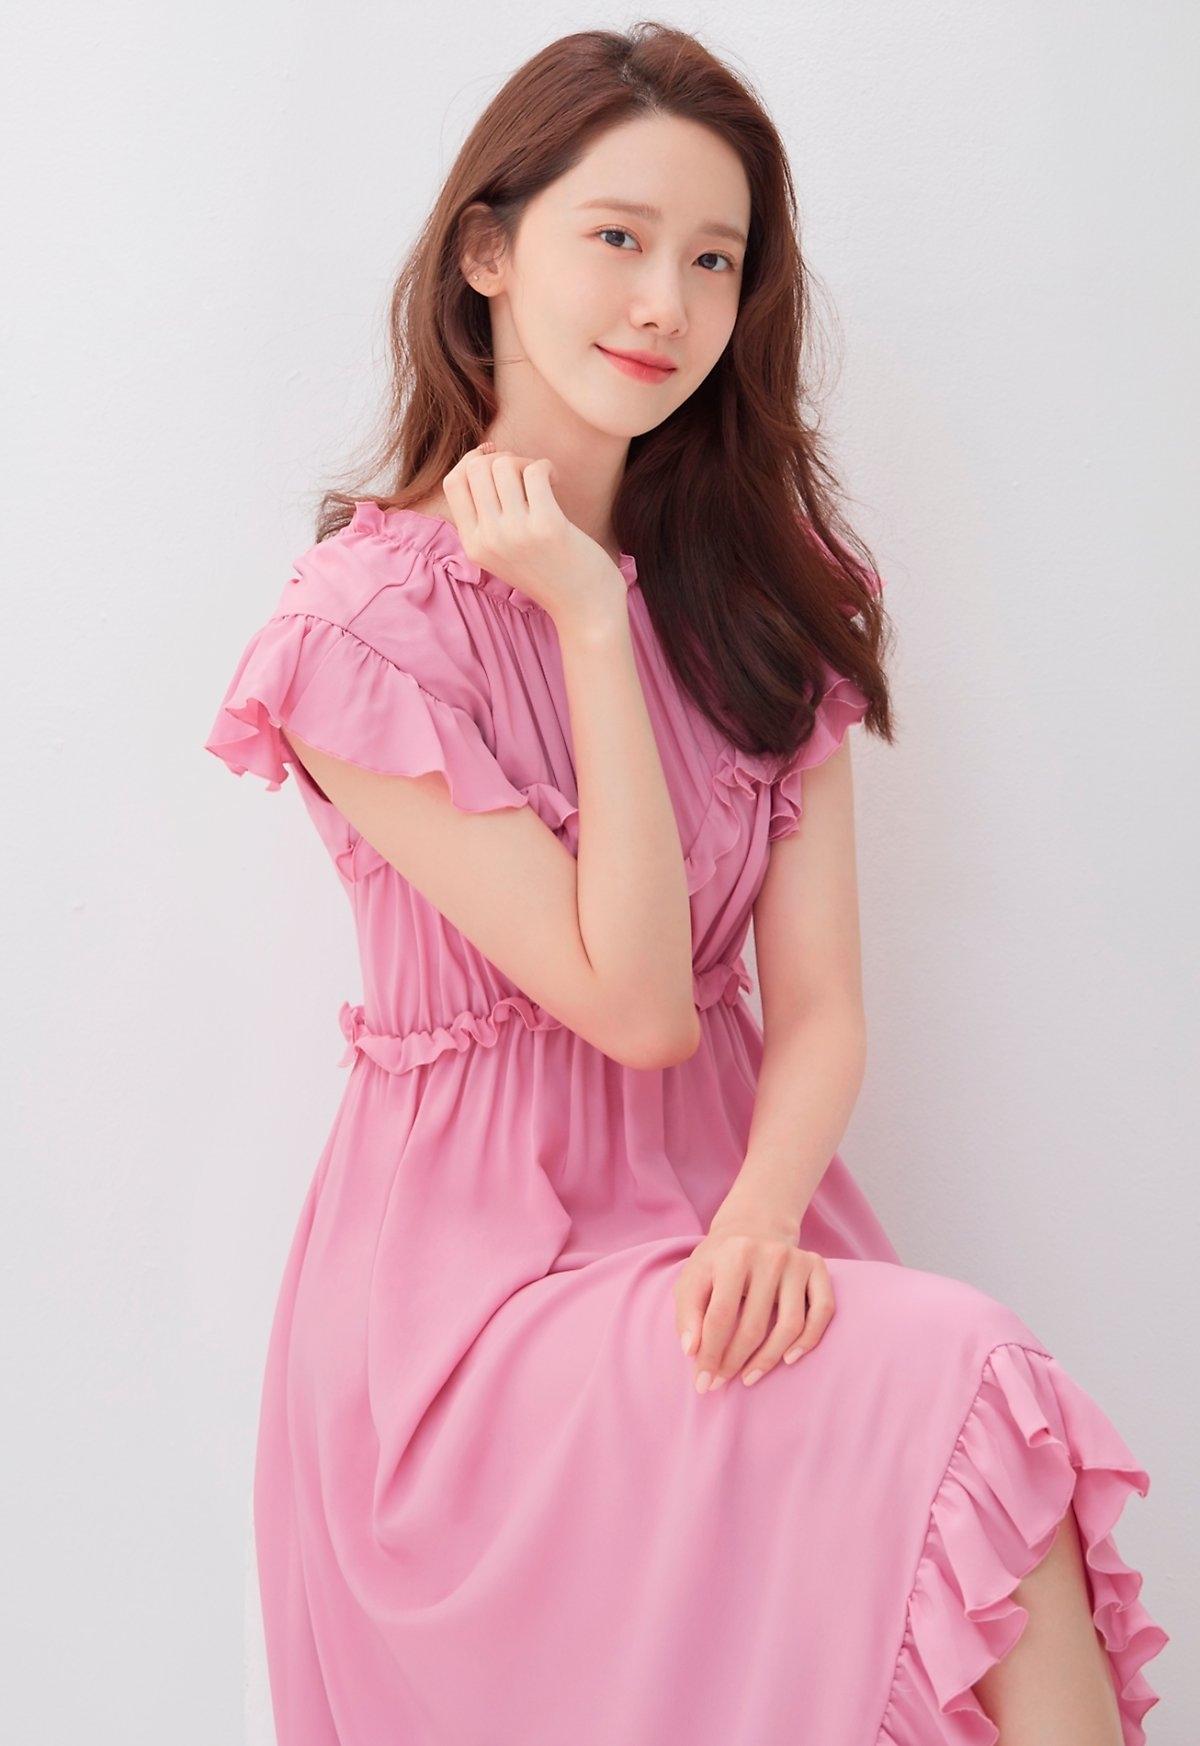 yoona và váy hồng